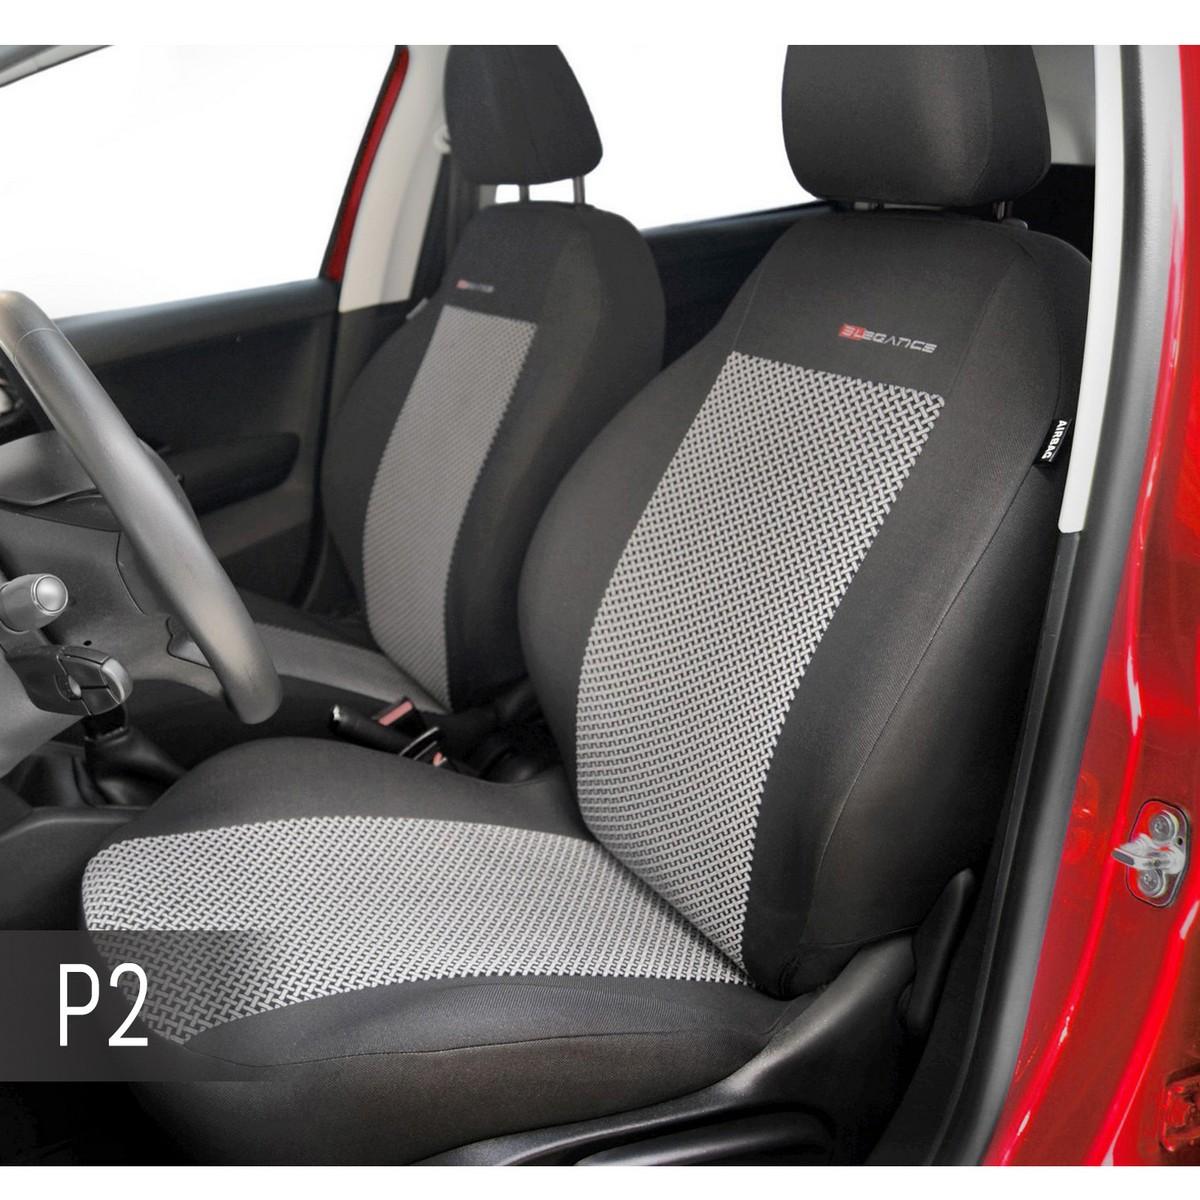 Sitzbezüge Sitzbezug Schonbezüge für Daihatsu Sirion Vordersitze Elegance P1